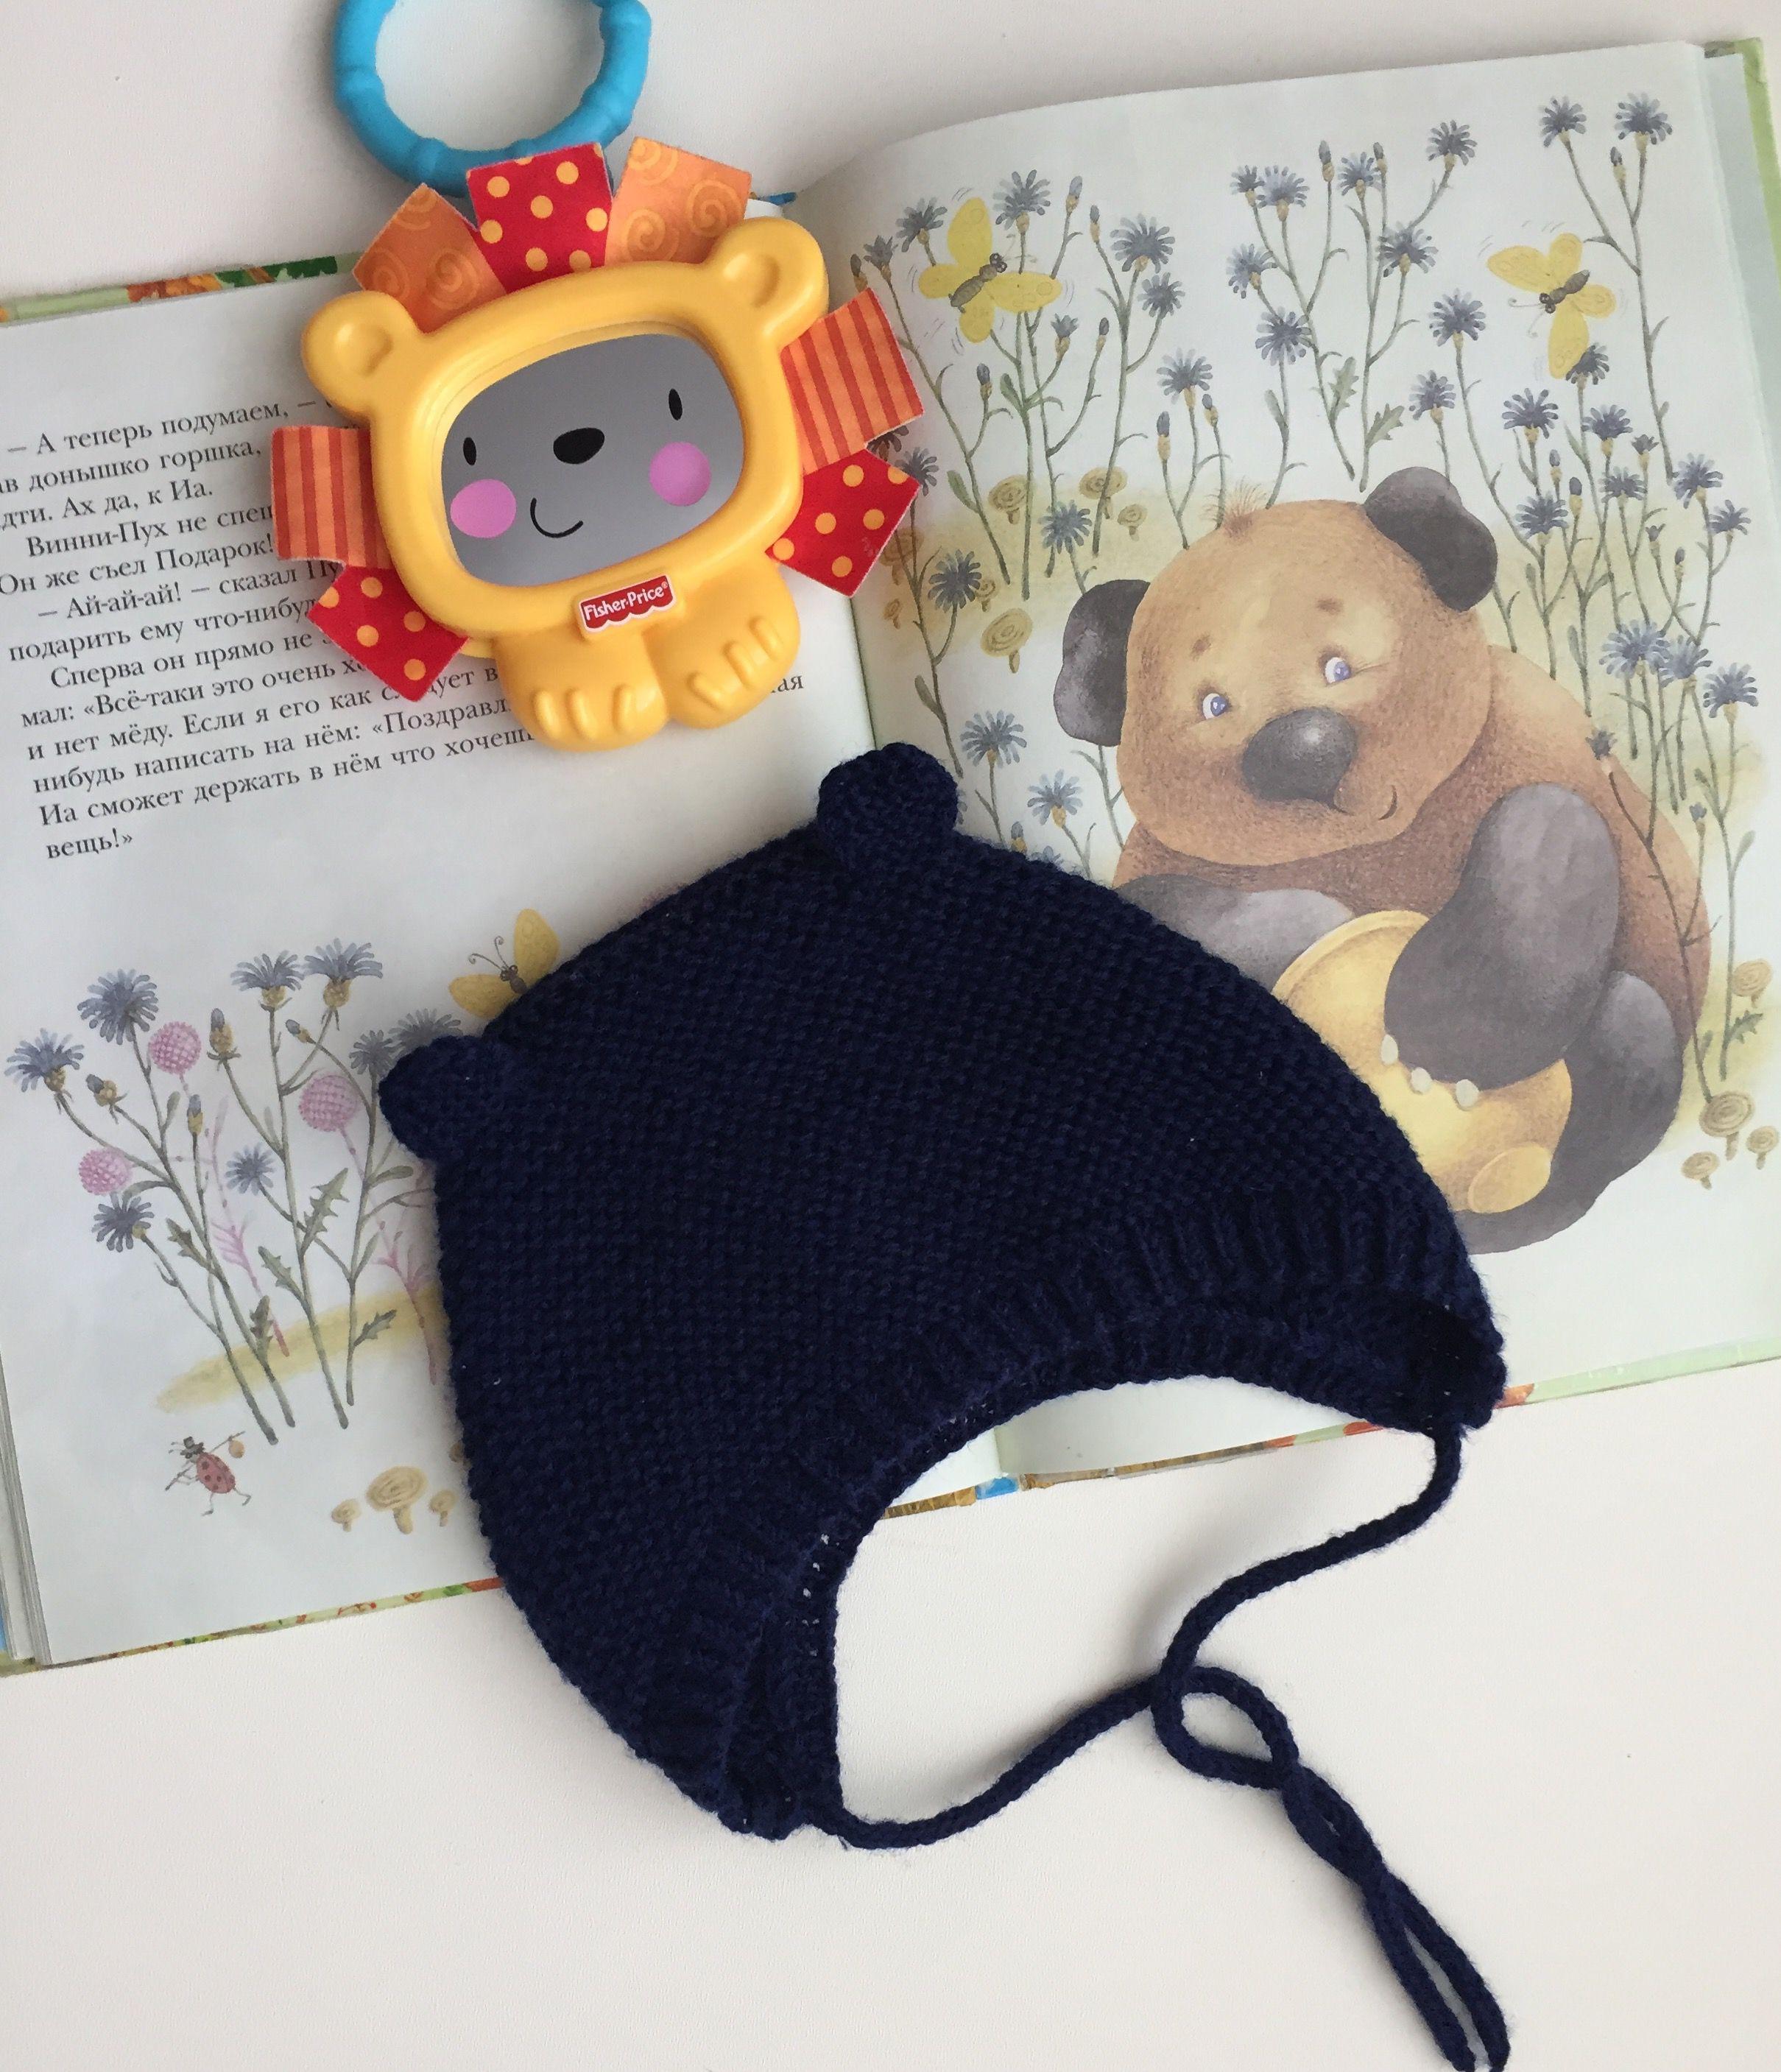 knitting handmade вязание knitforbaby детям детскаяшапка вязаниедлядетей дети